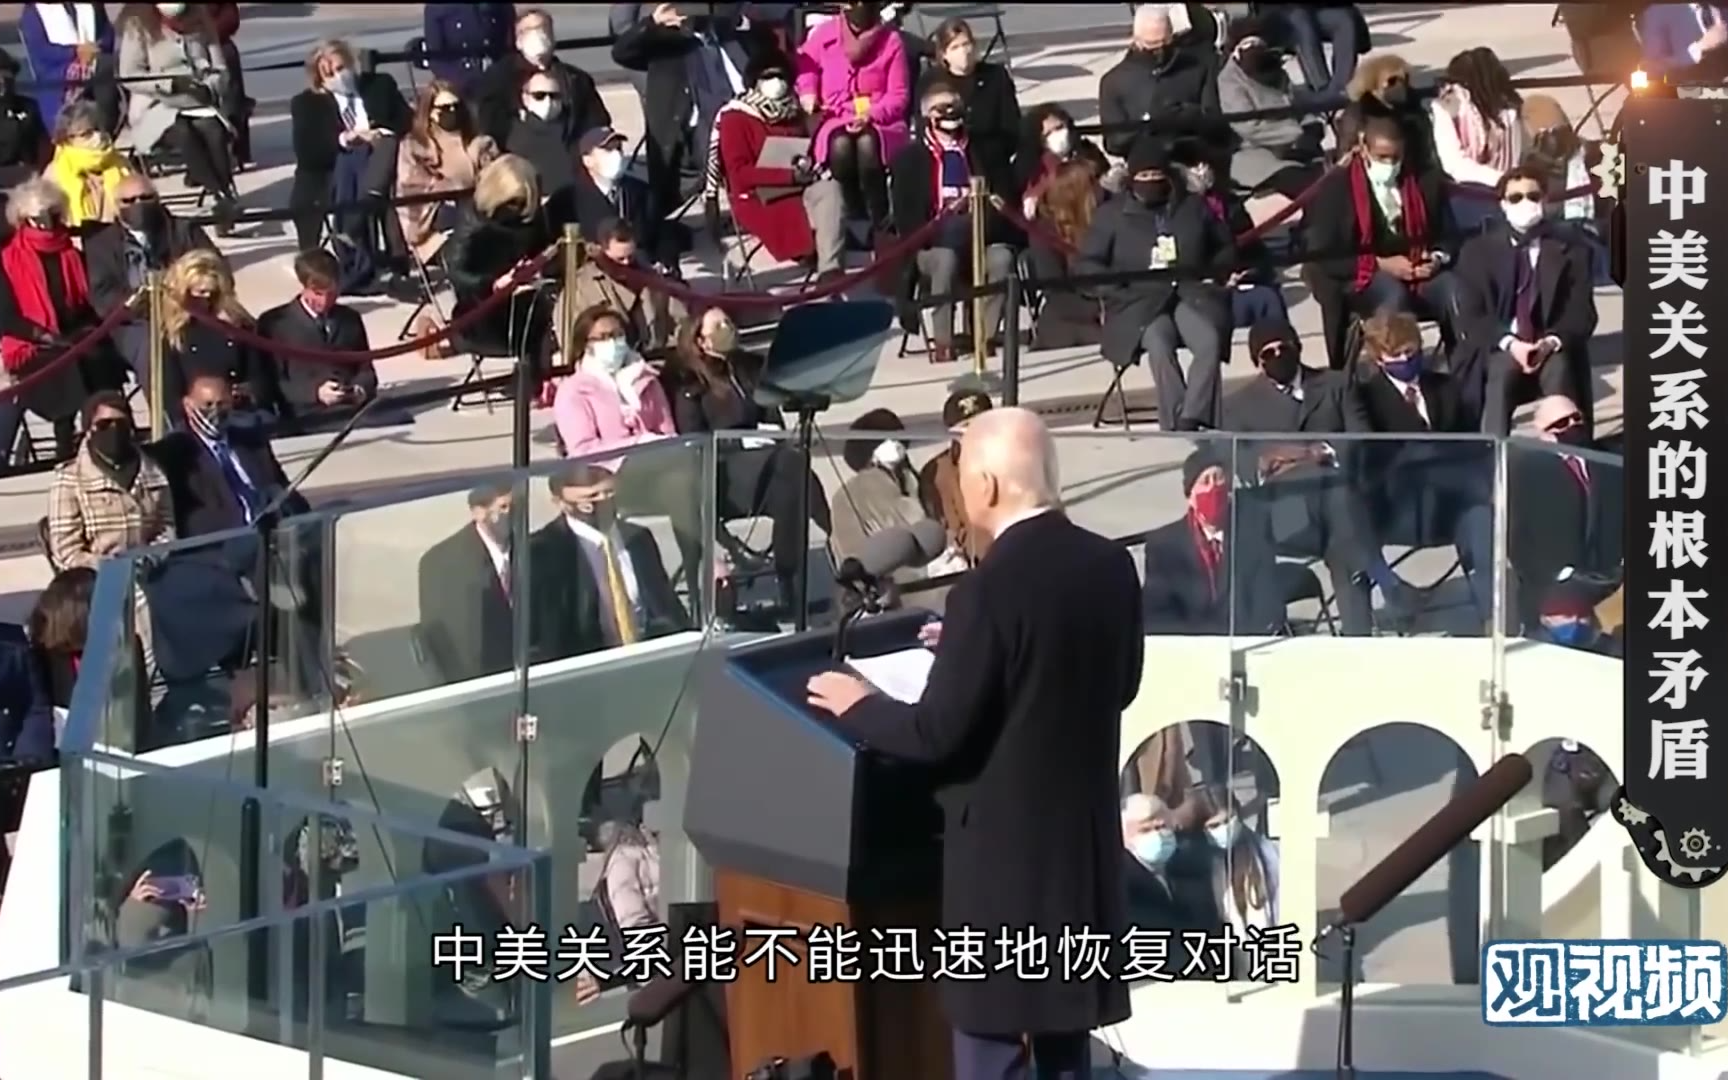 金灿荣:美国不让14亿中国人过上好日子,打败它才是中国唯一出路